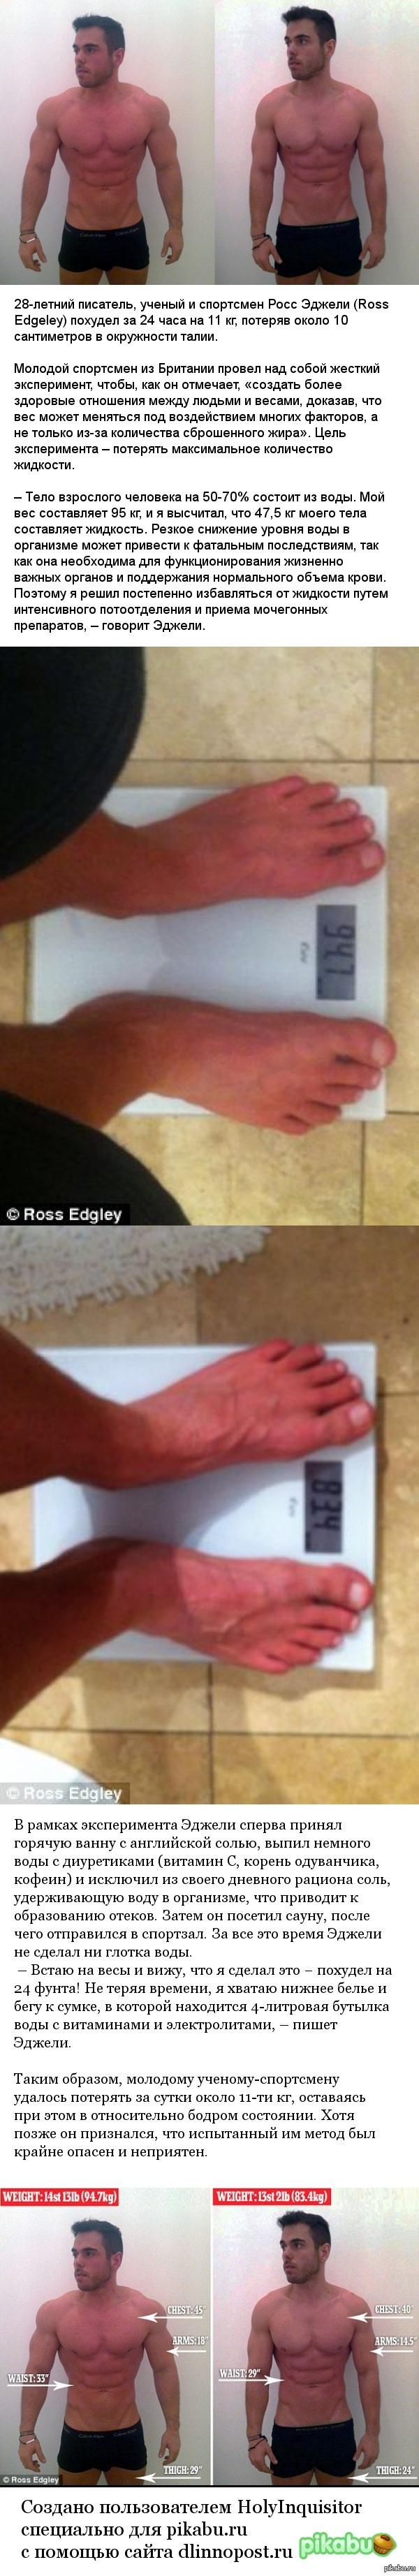 Ученый-спортсмен за 24 часа похудел на 11 кг Возможности человеческого организма